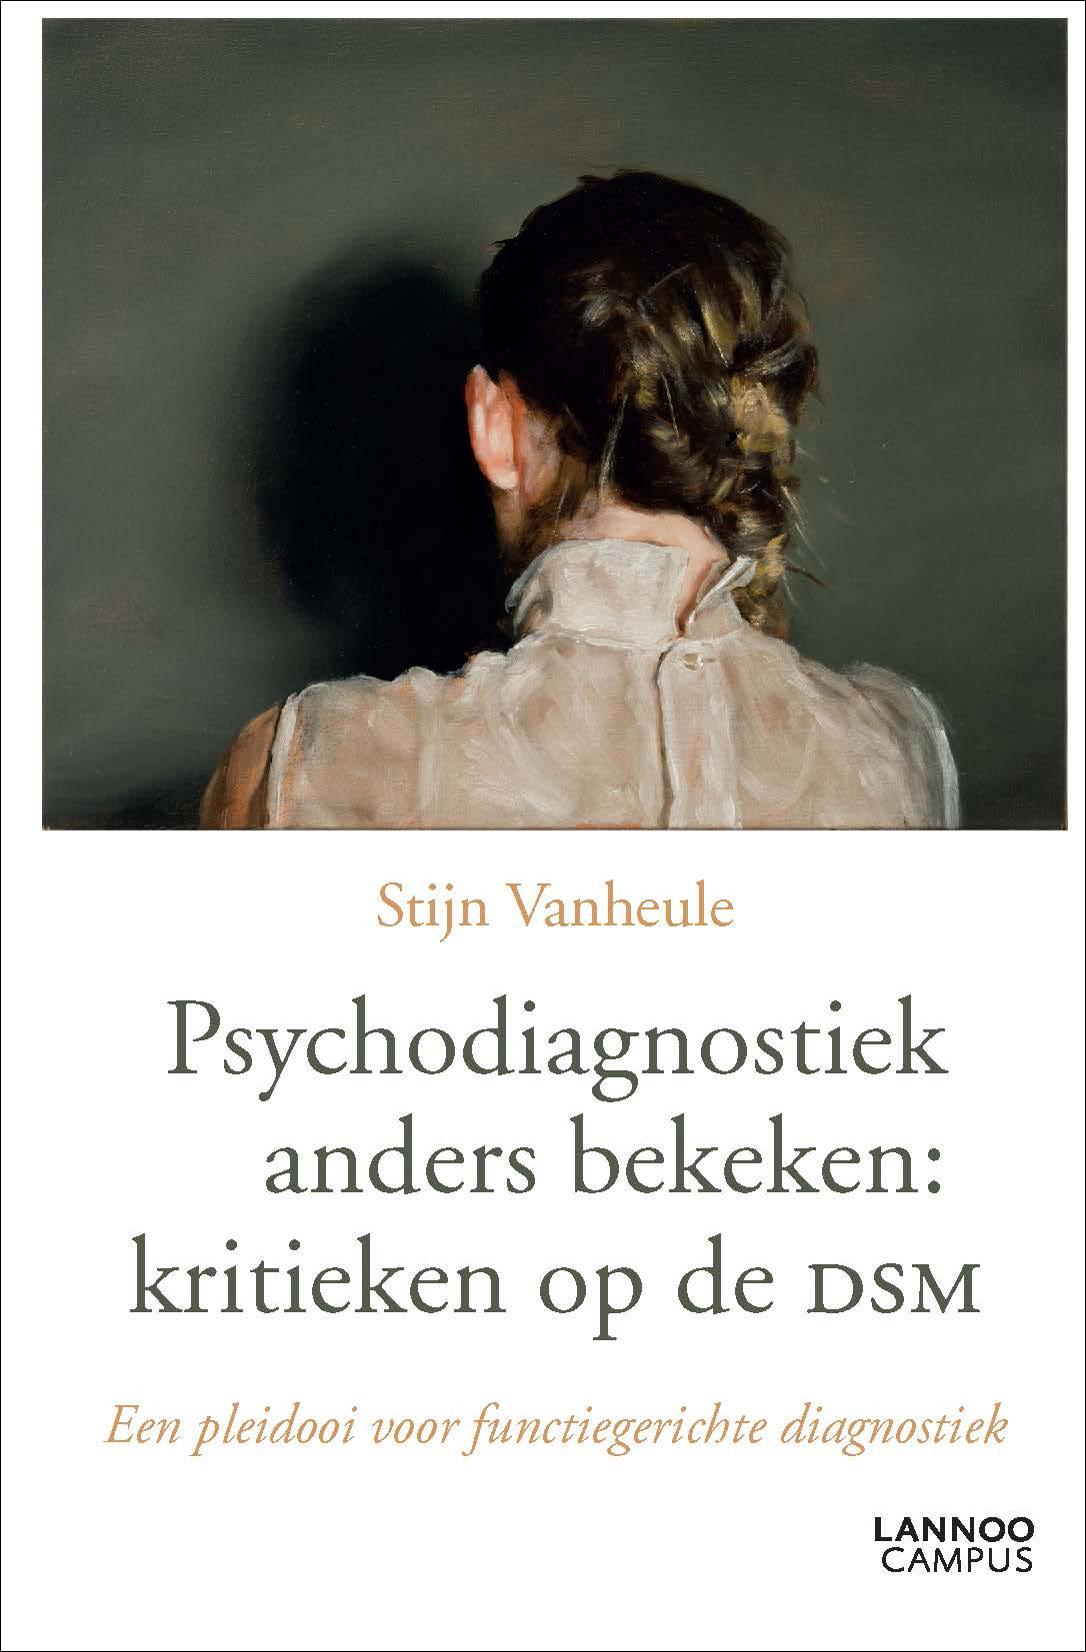 Dsm Keukens Geschiedenis : Psychodiagnostiek anders bekeken kritieken op de DSM